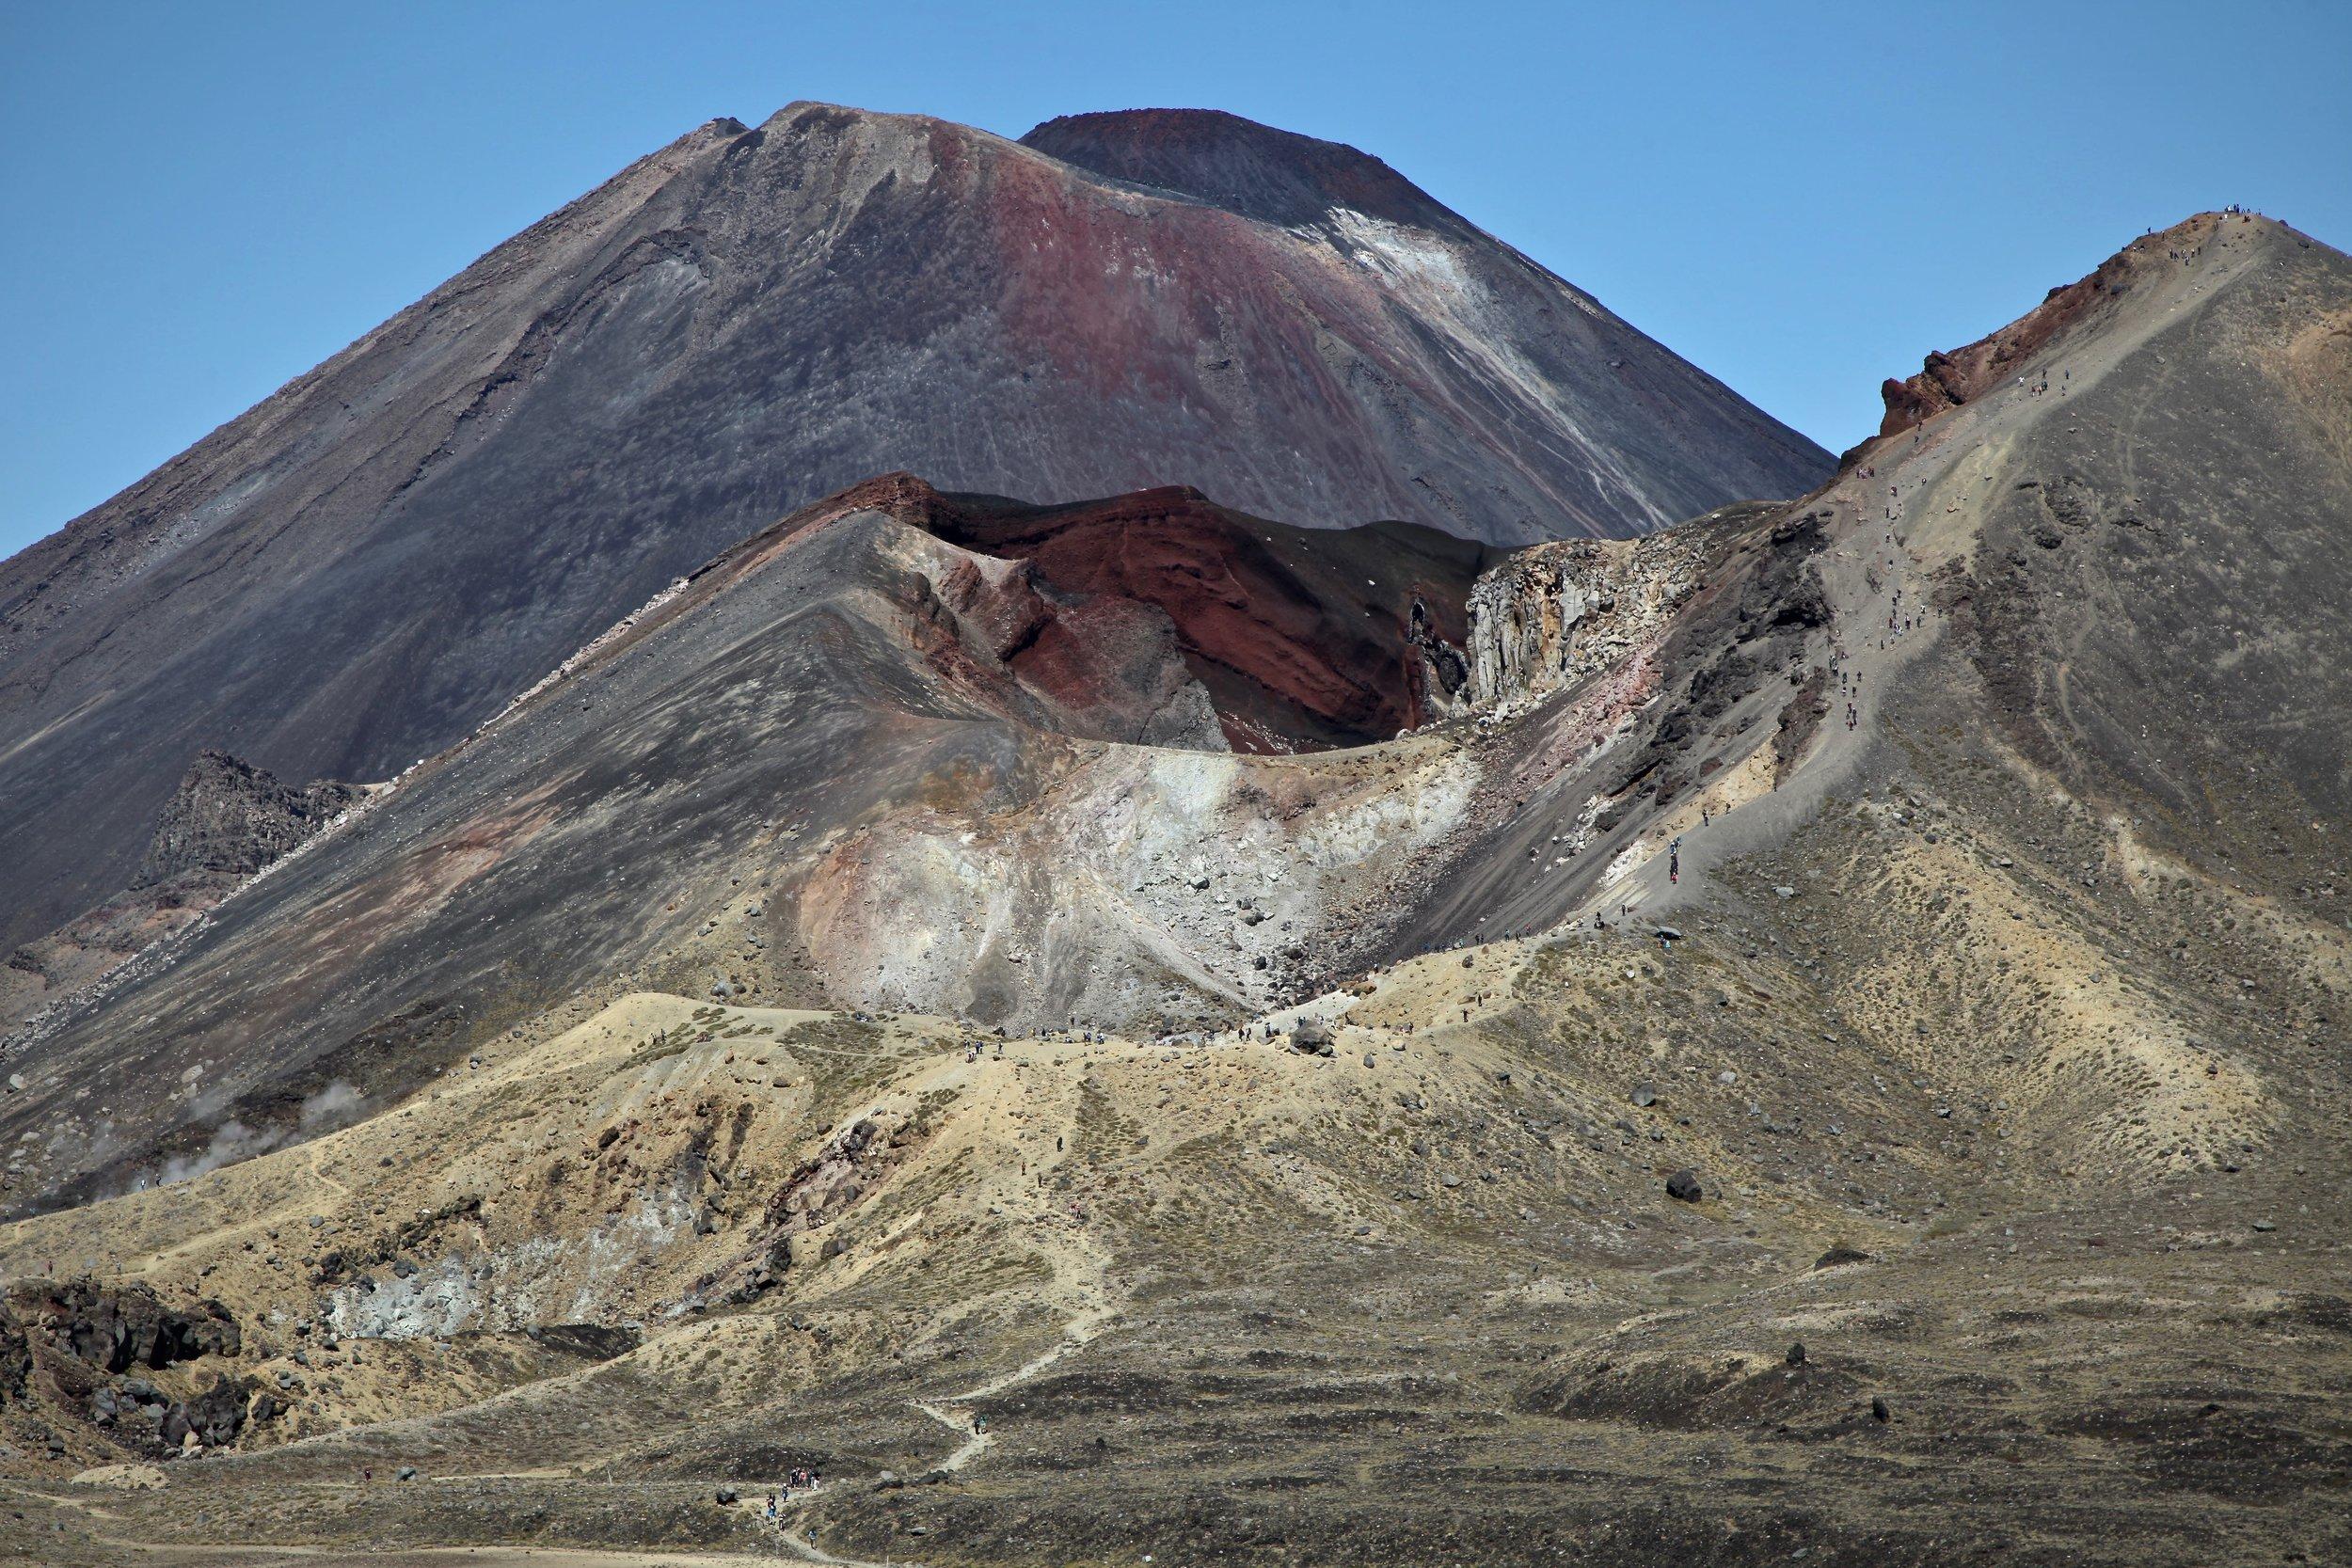 tongariro-ngauruhoe-volcano-day-hike.jpg